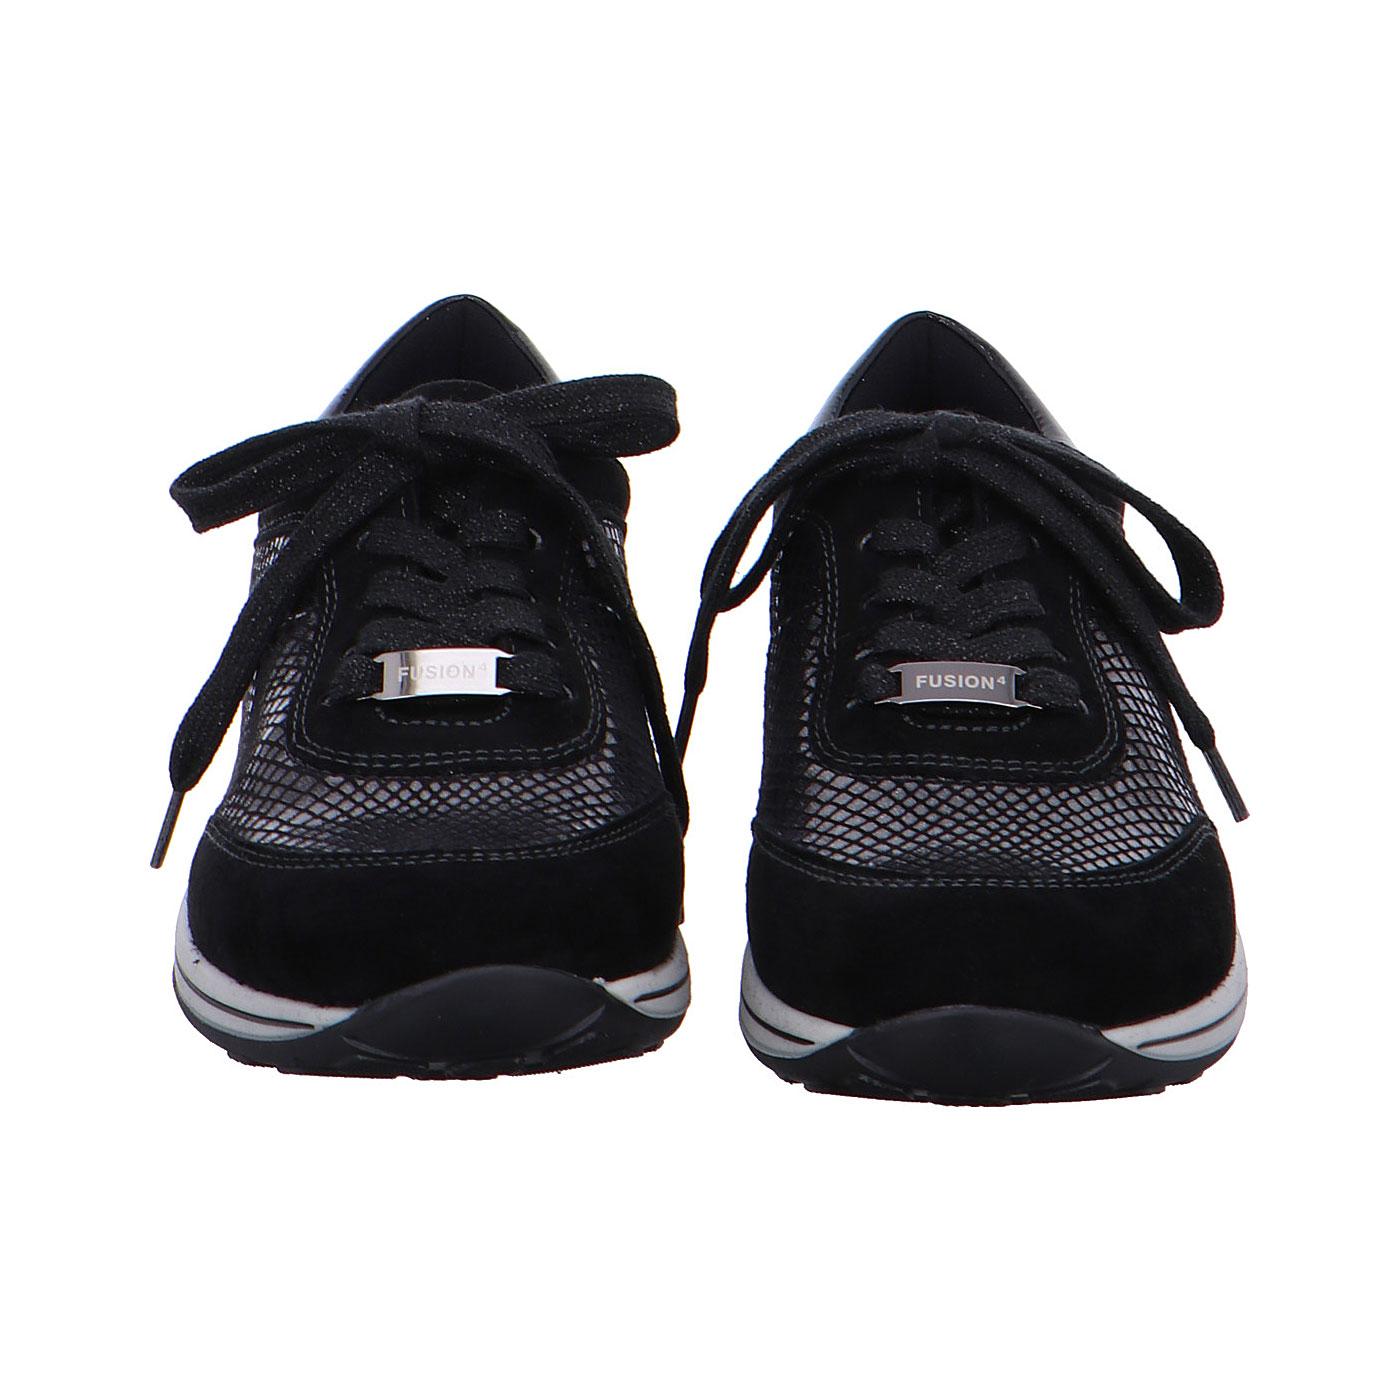 Дамски спортни обувки с неопрен ara Osaka 12-44522-75 - снимка 6